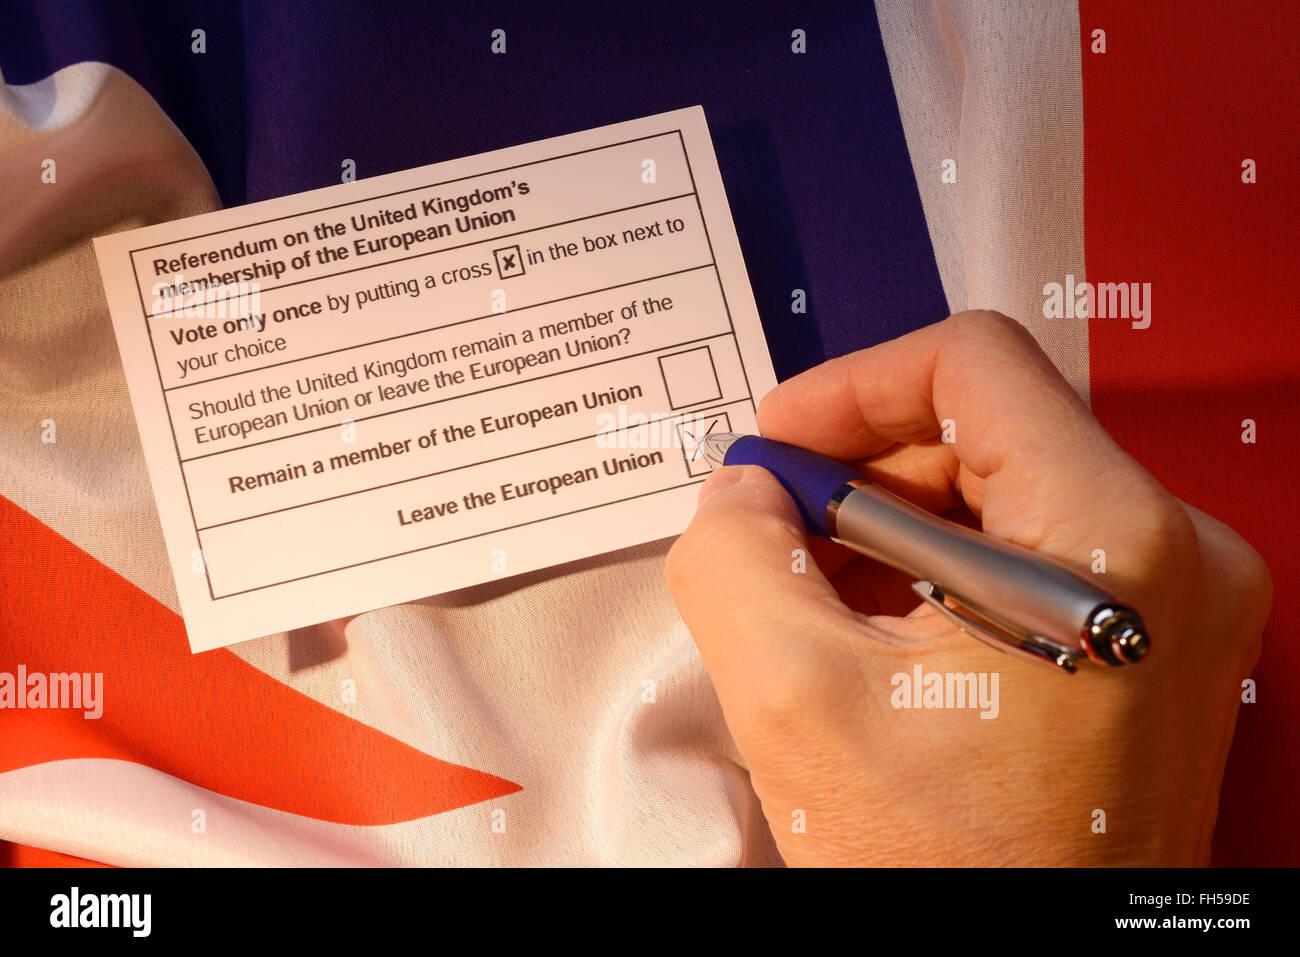 Une carte de vote pour le référendum sur l'adhésion britannique de l'Union européenne Photo Stock